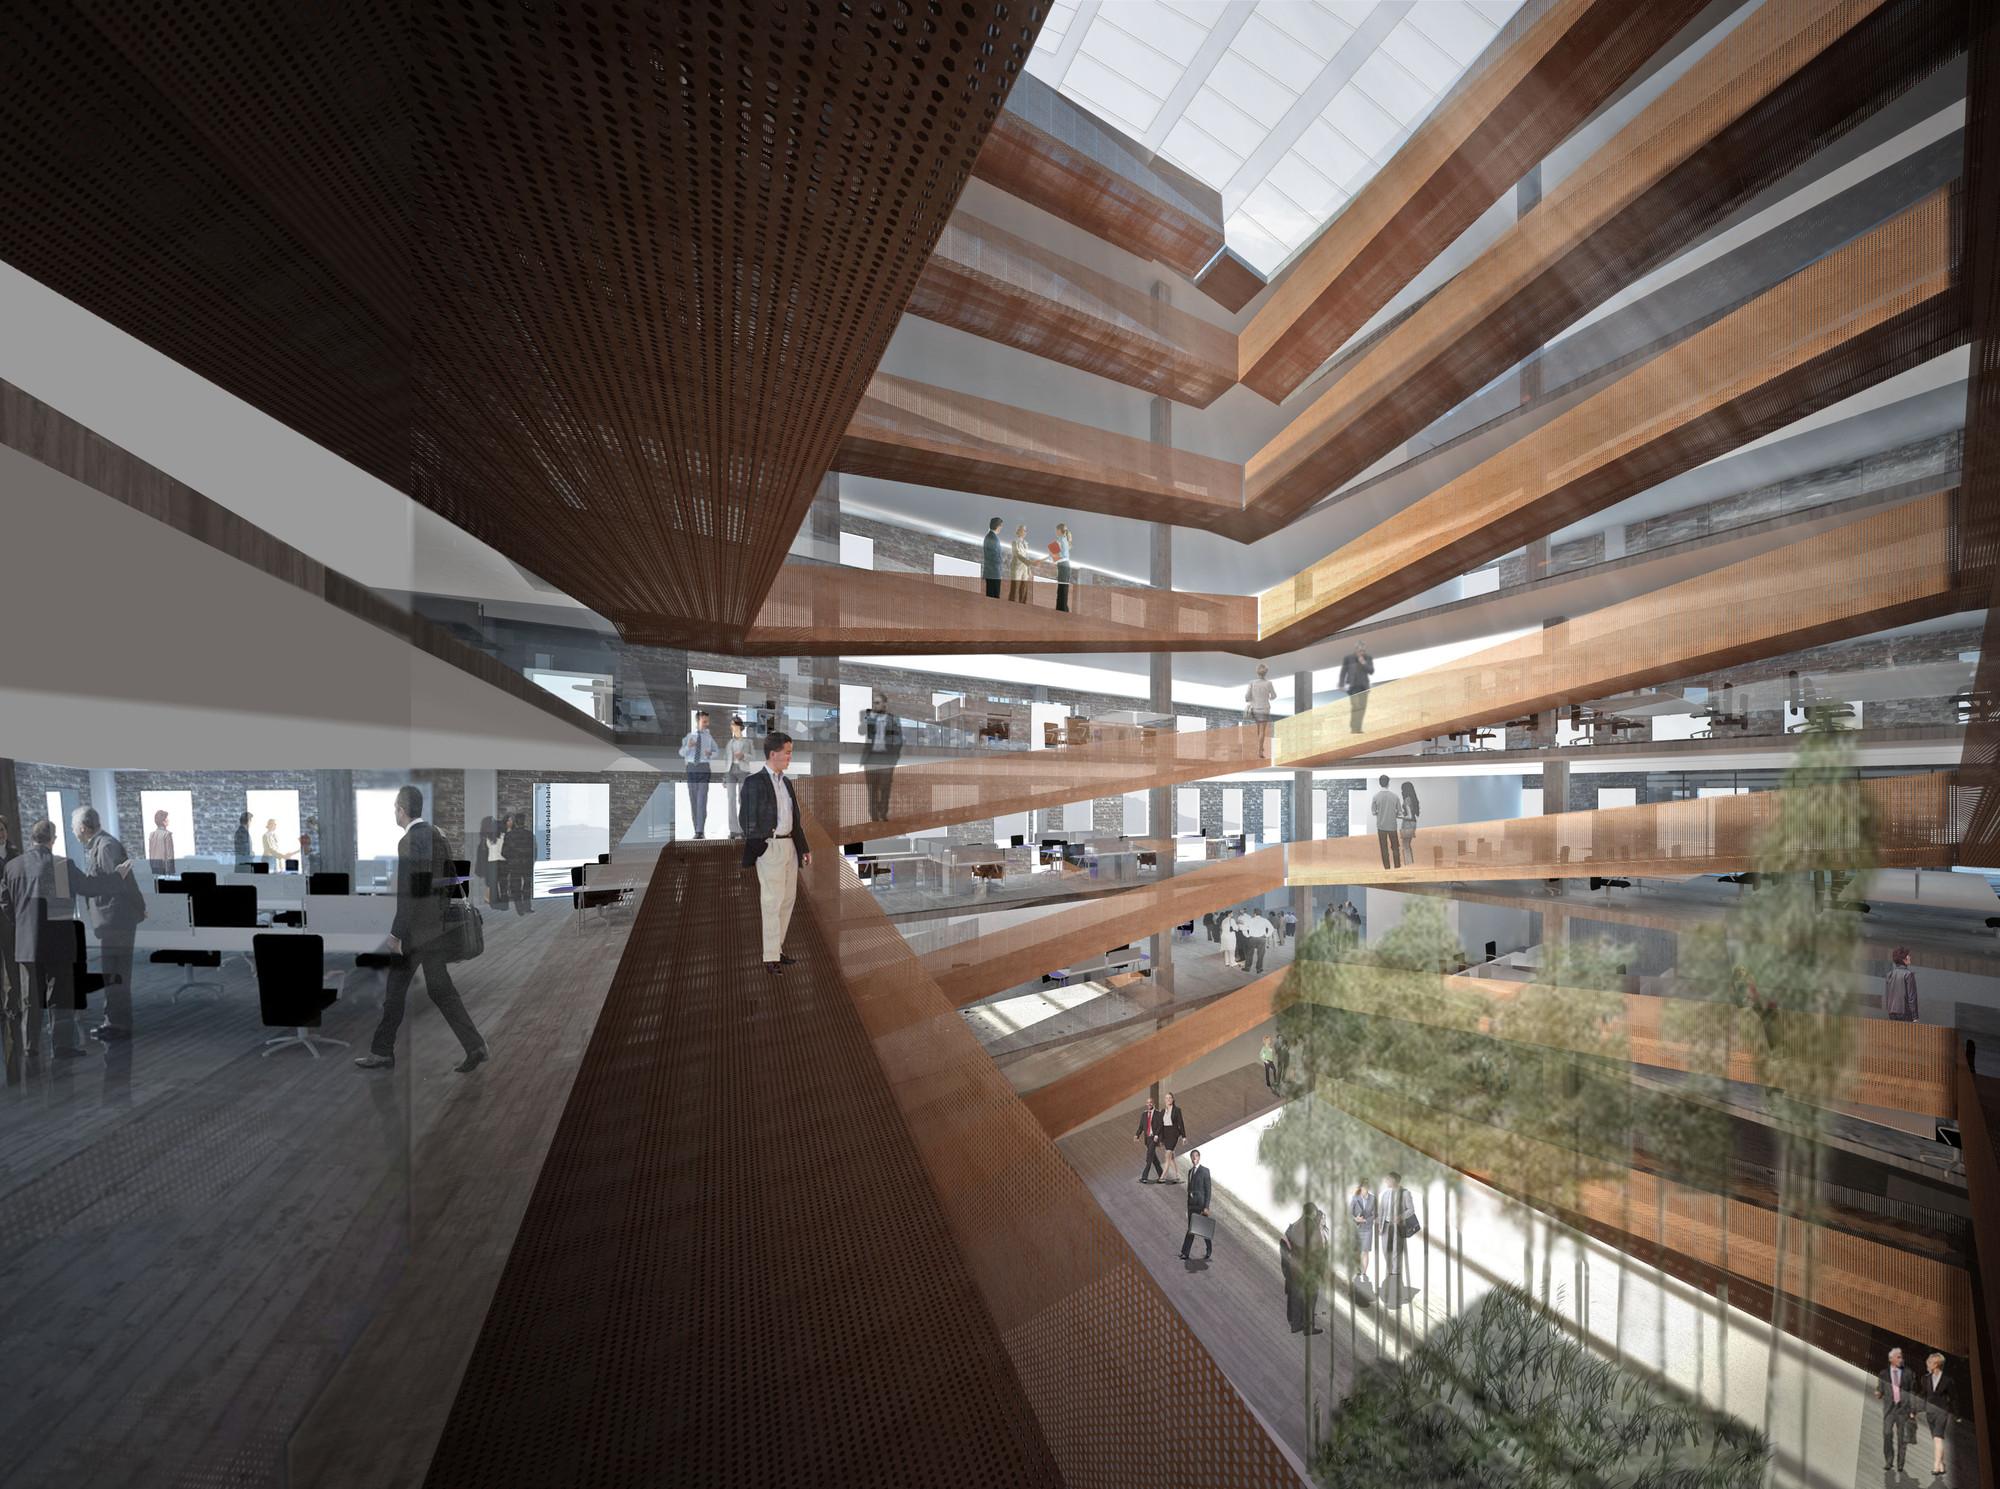 Gubbins arquitectos dise ar edificio institucional de minvu serviu valpara so plataforma - Arquitectos y decoradores de interiores ...